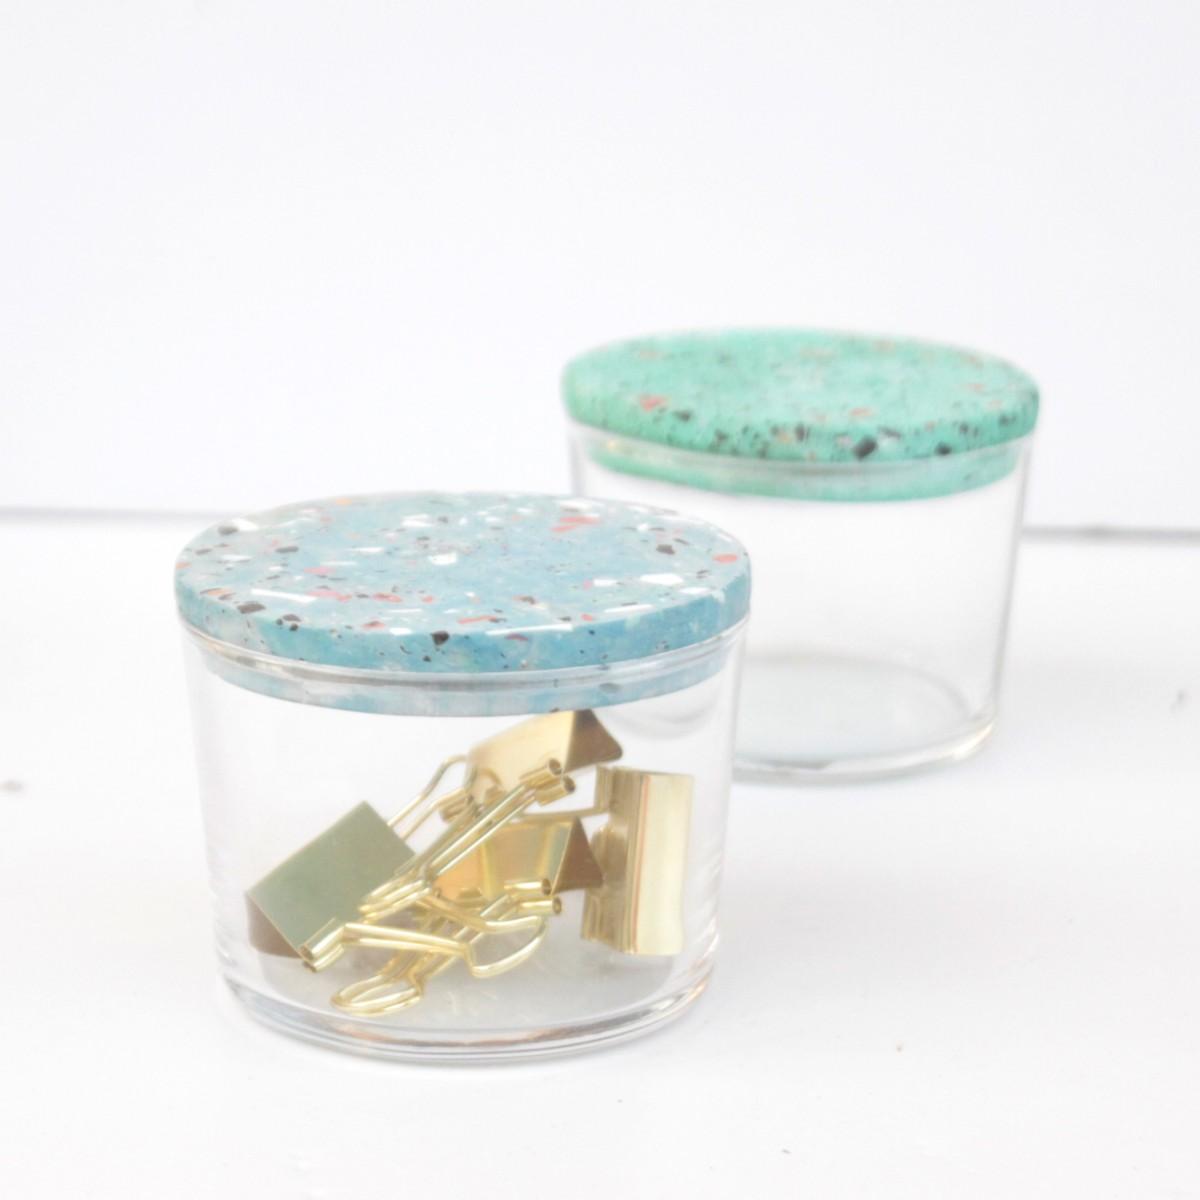 VLO design / Kleines Glas mit blauem Deckel